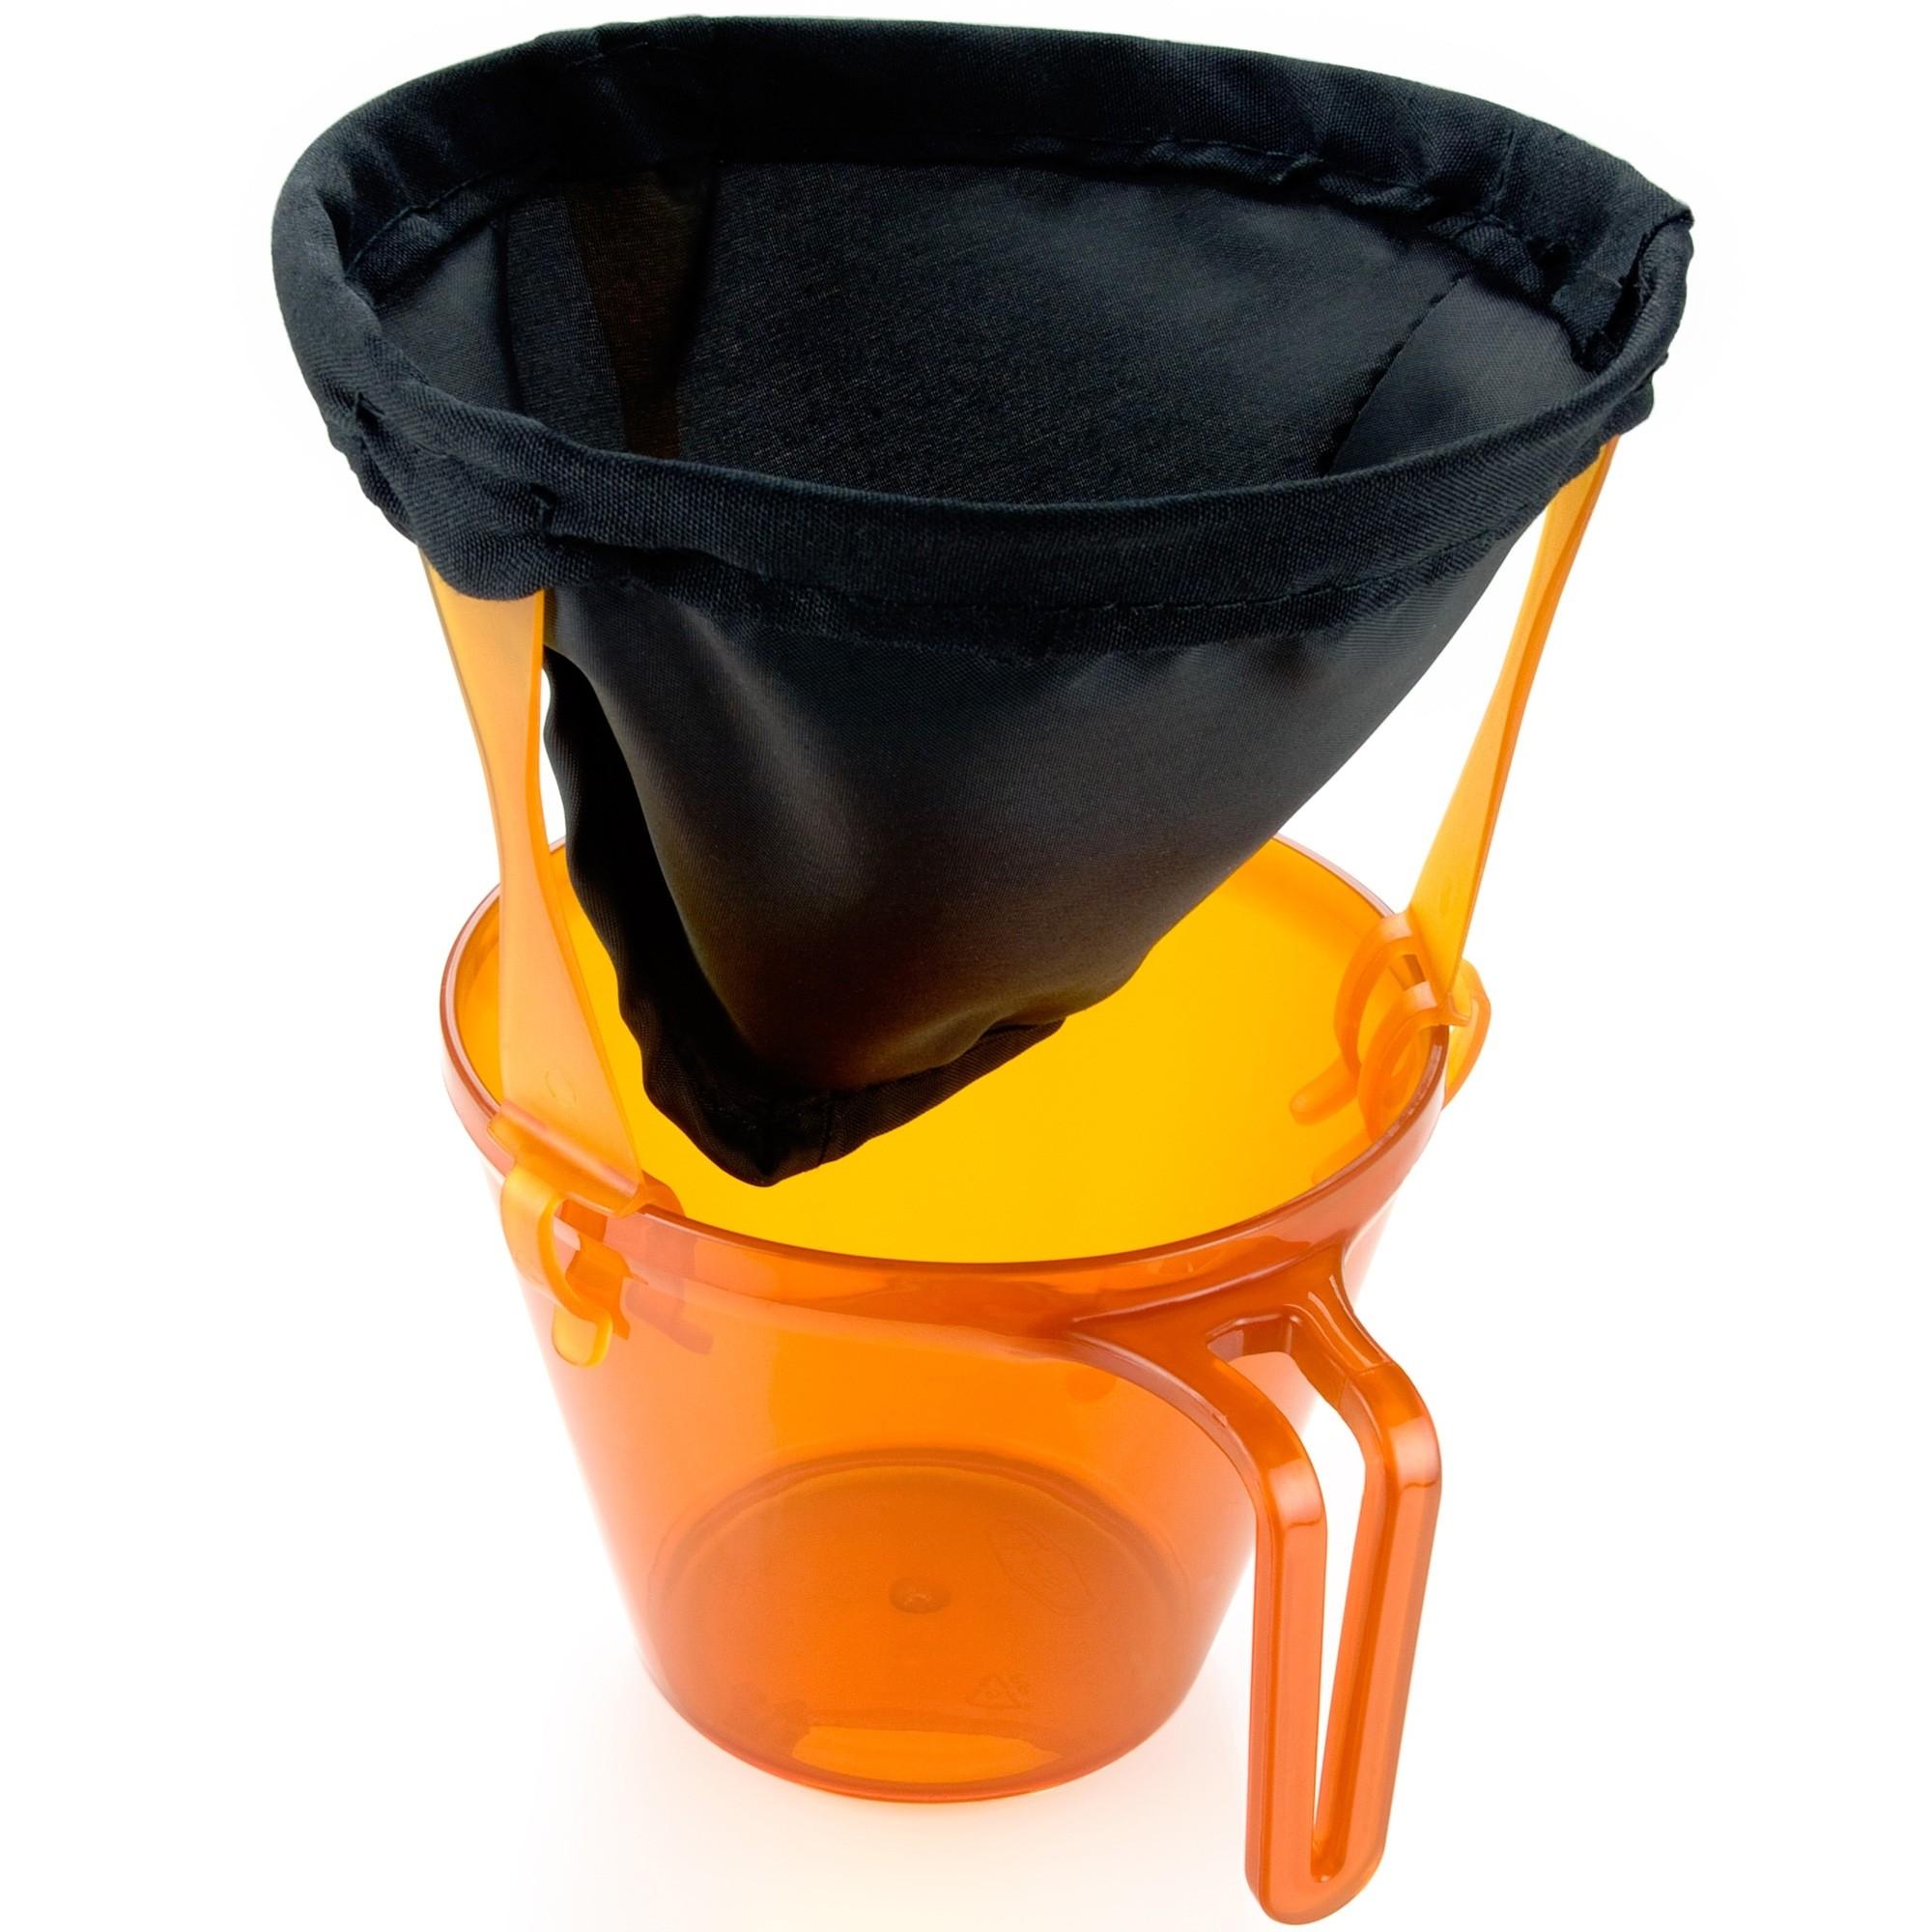 GSI-Java-Drip-Ultralight-Coffee-Filter